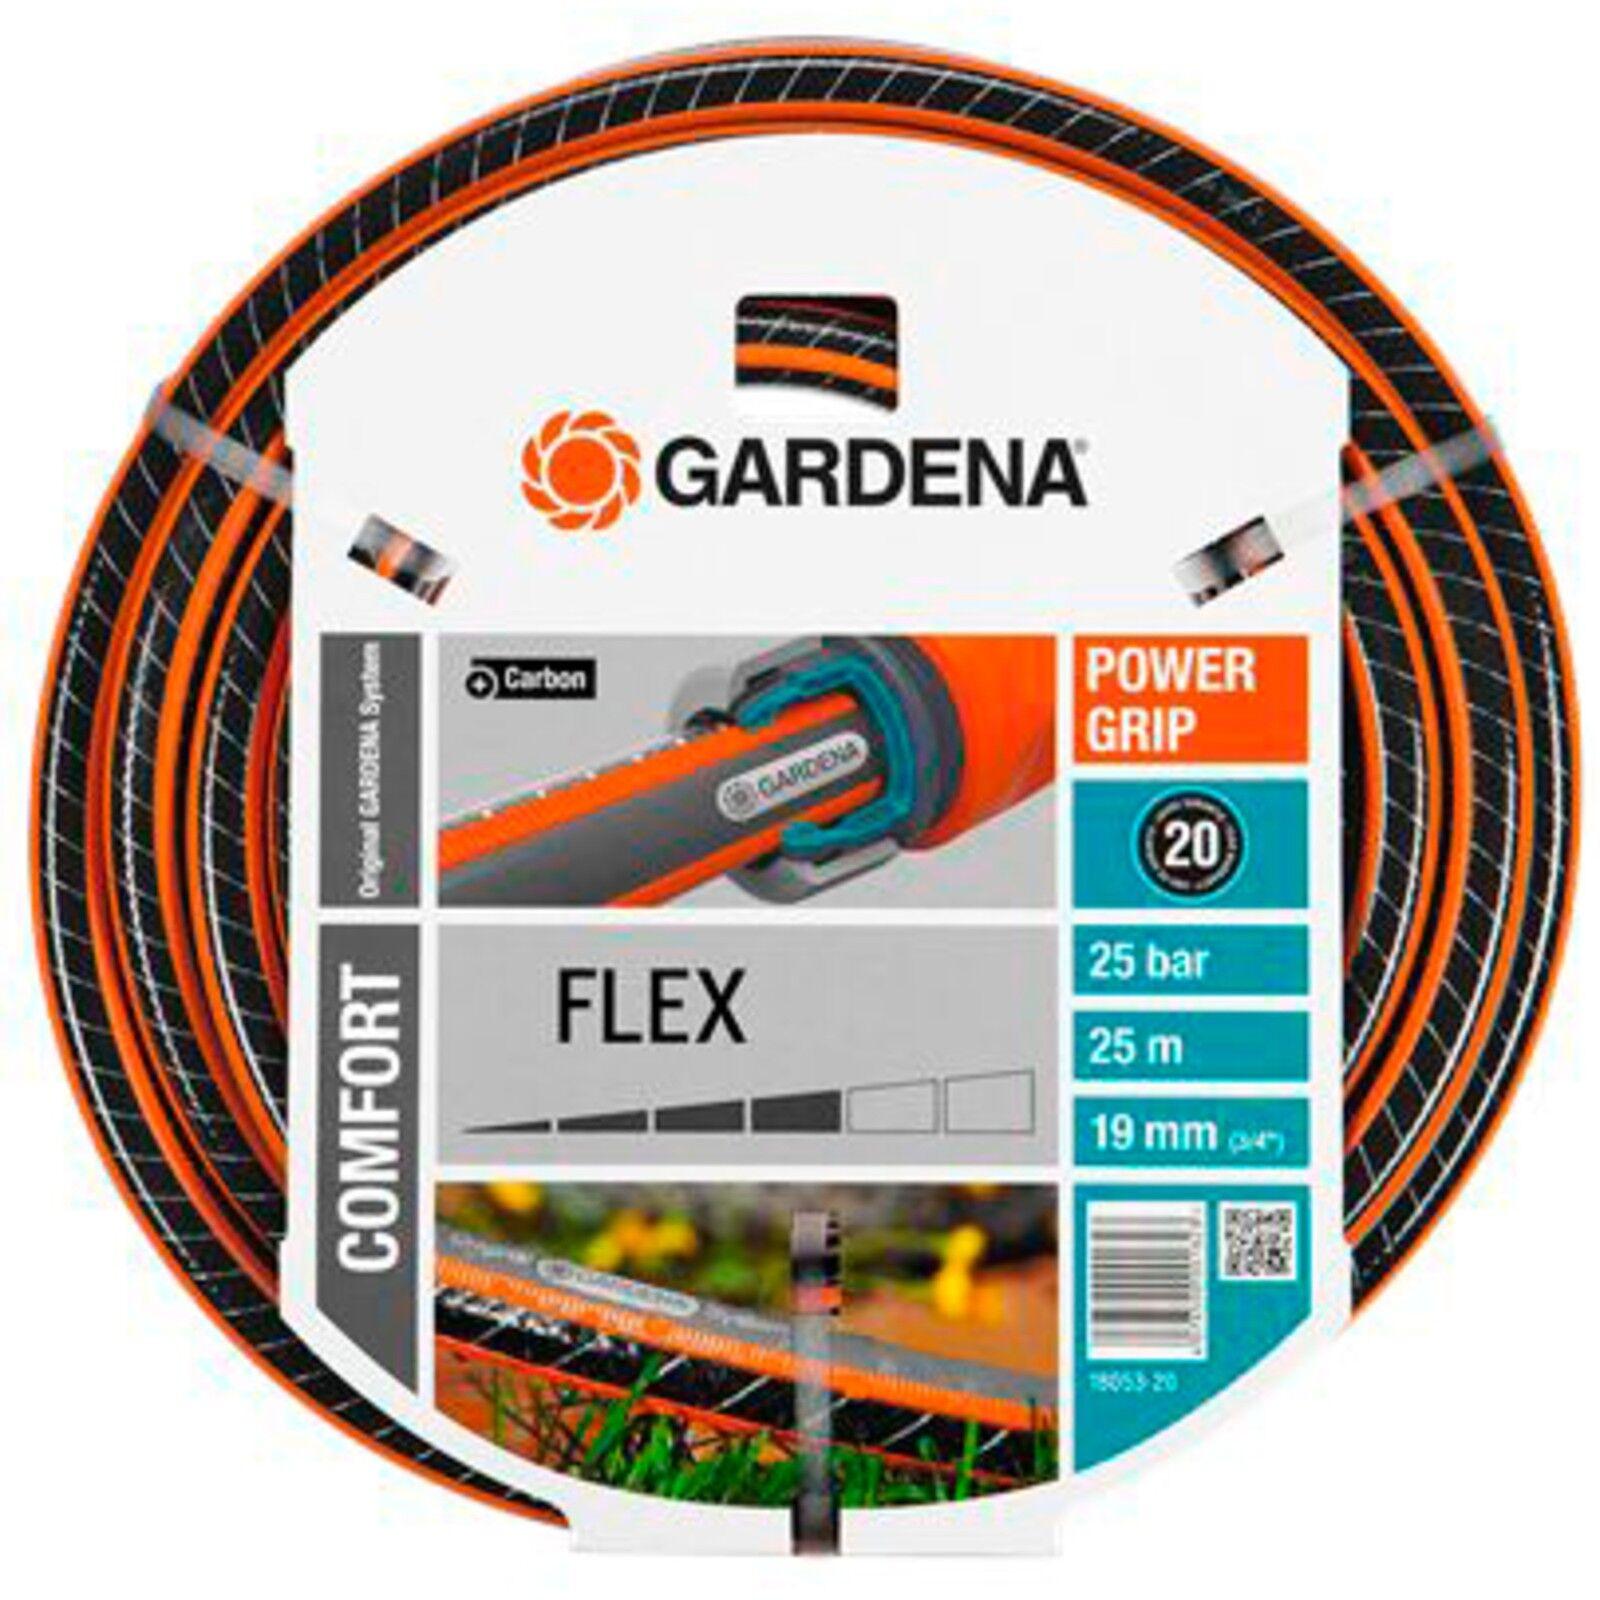 GARDENA Comfort FLEX Schlauch 19mm (3 4 ) | Günstige  | Schön  | Qualifizierte Herstellung